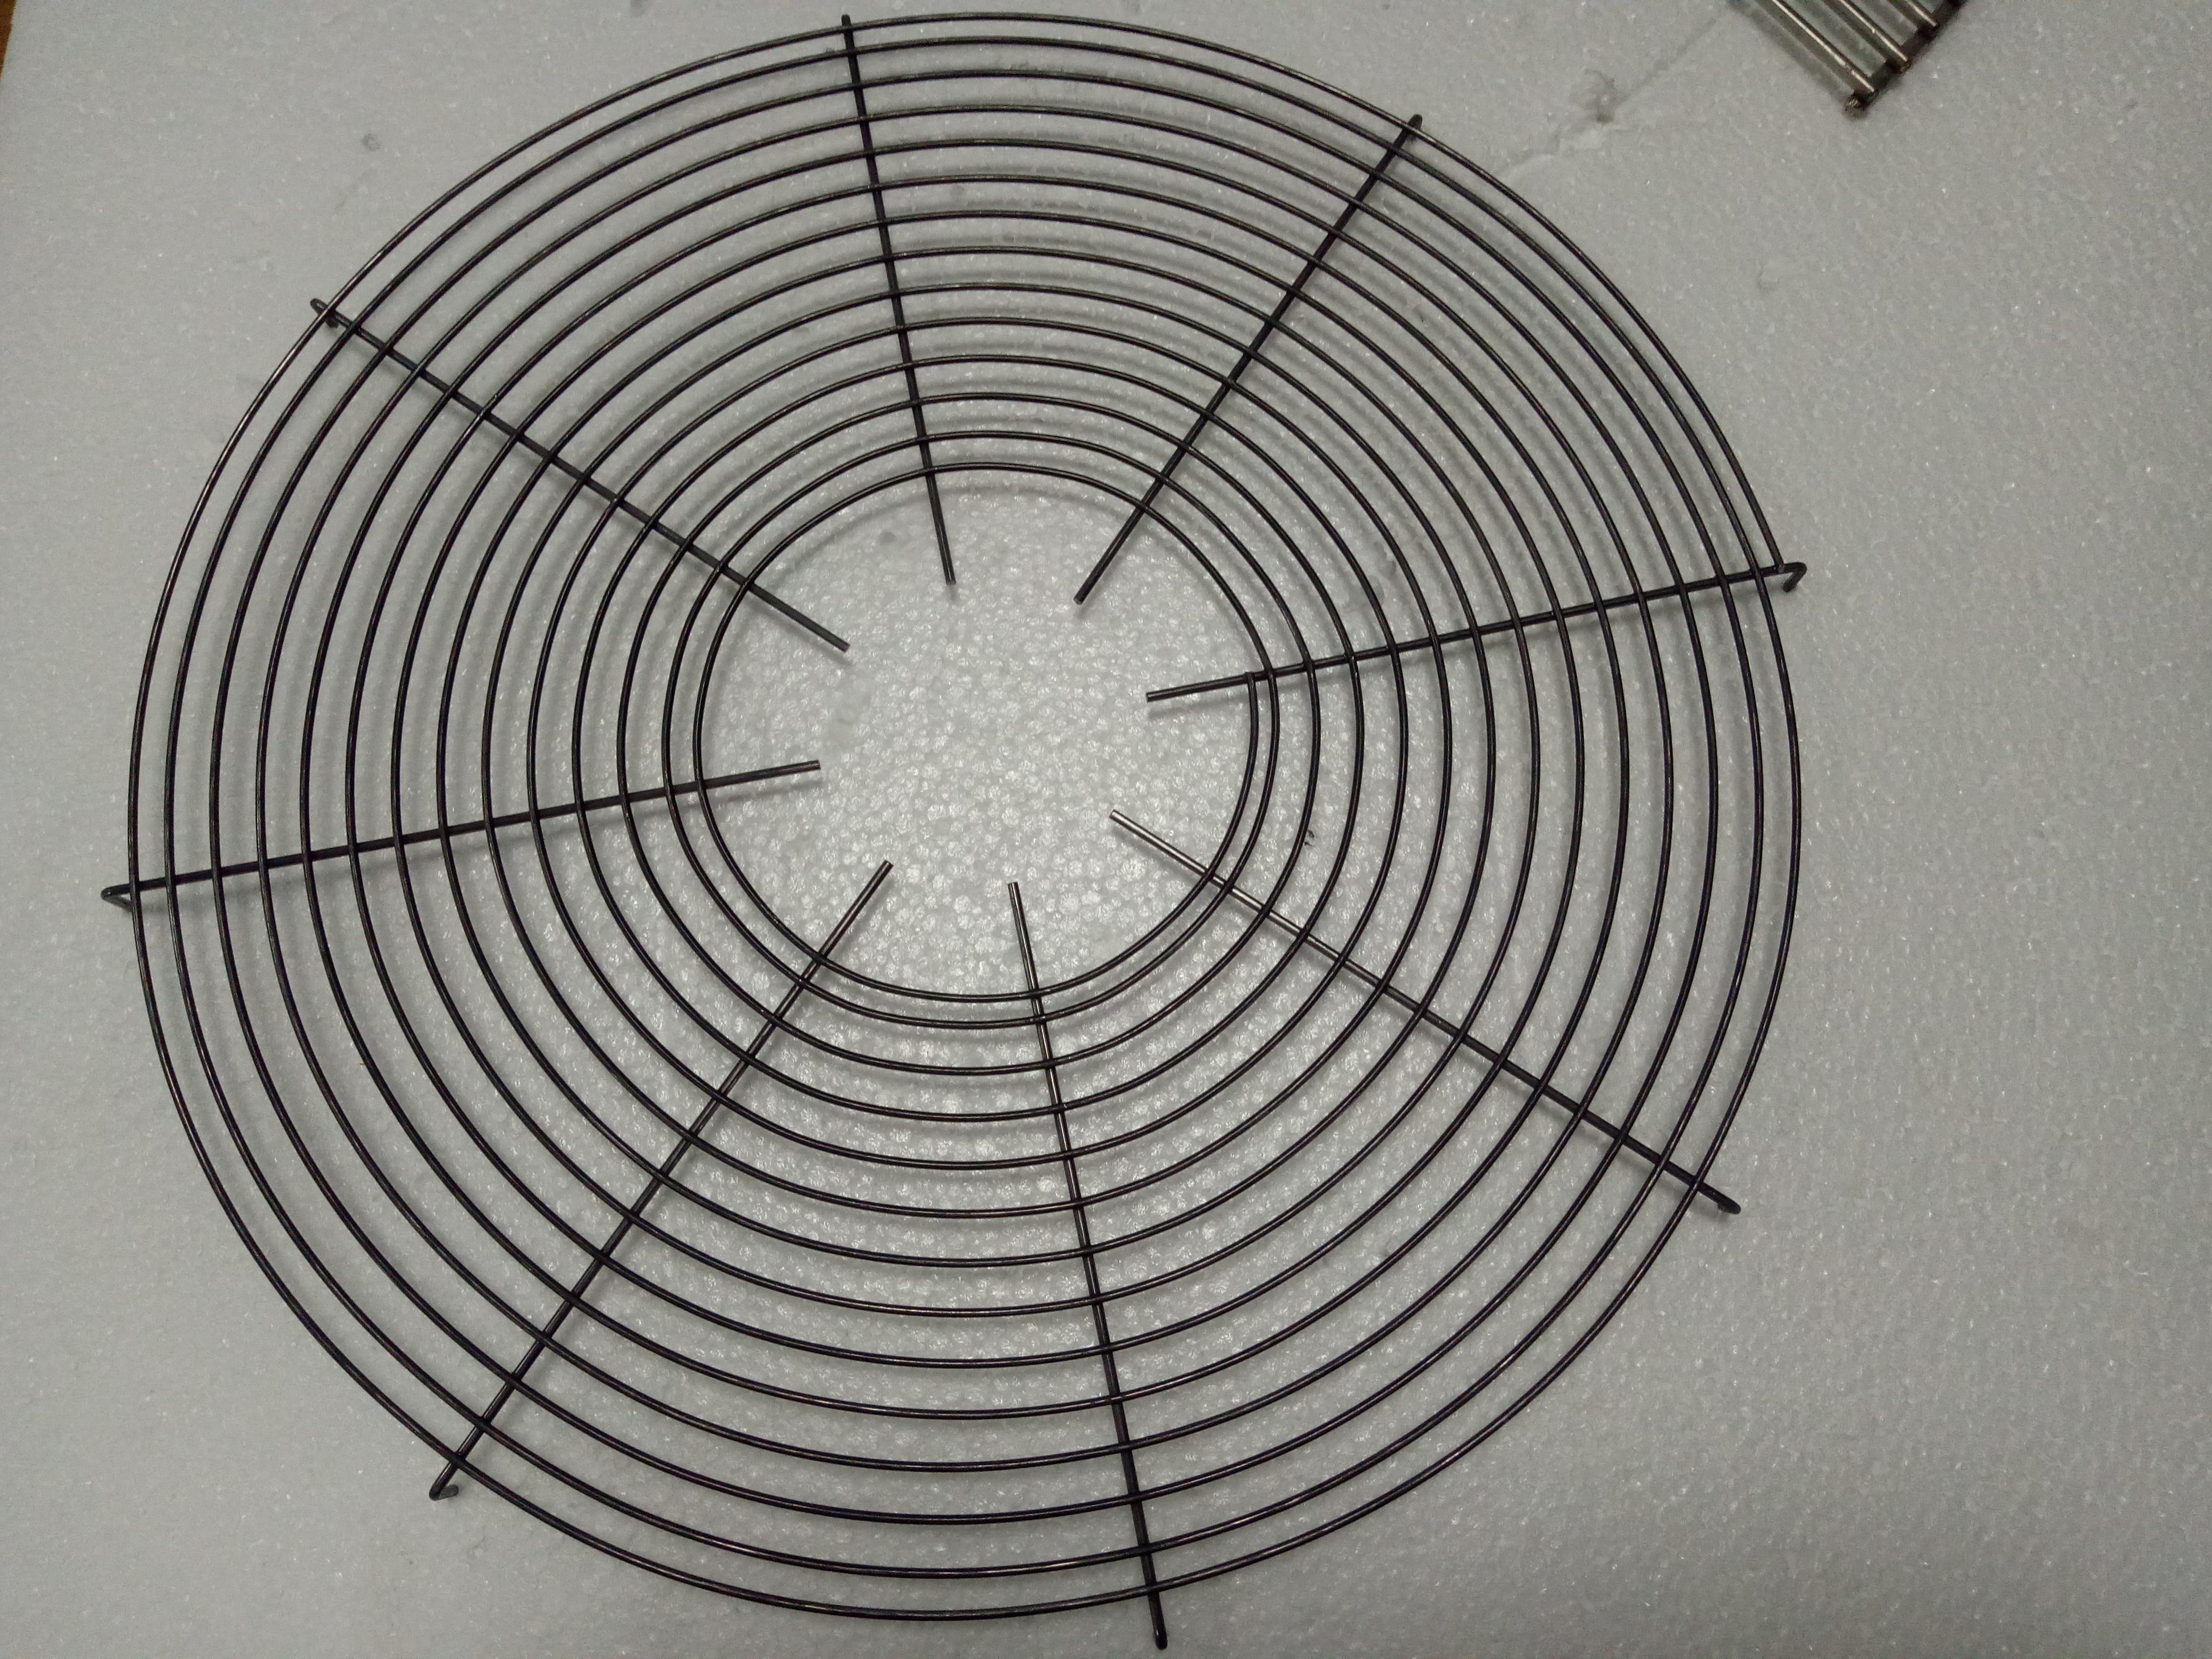 风扇网风扇网罩加工风扇防护网罩加工定制罩加工风扇防护网罩加工定制